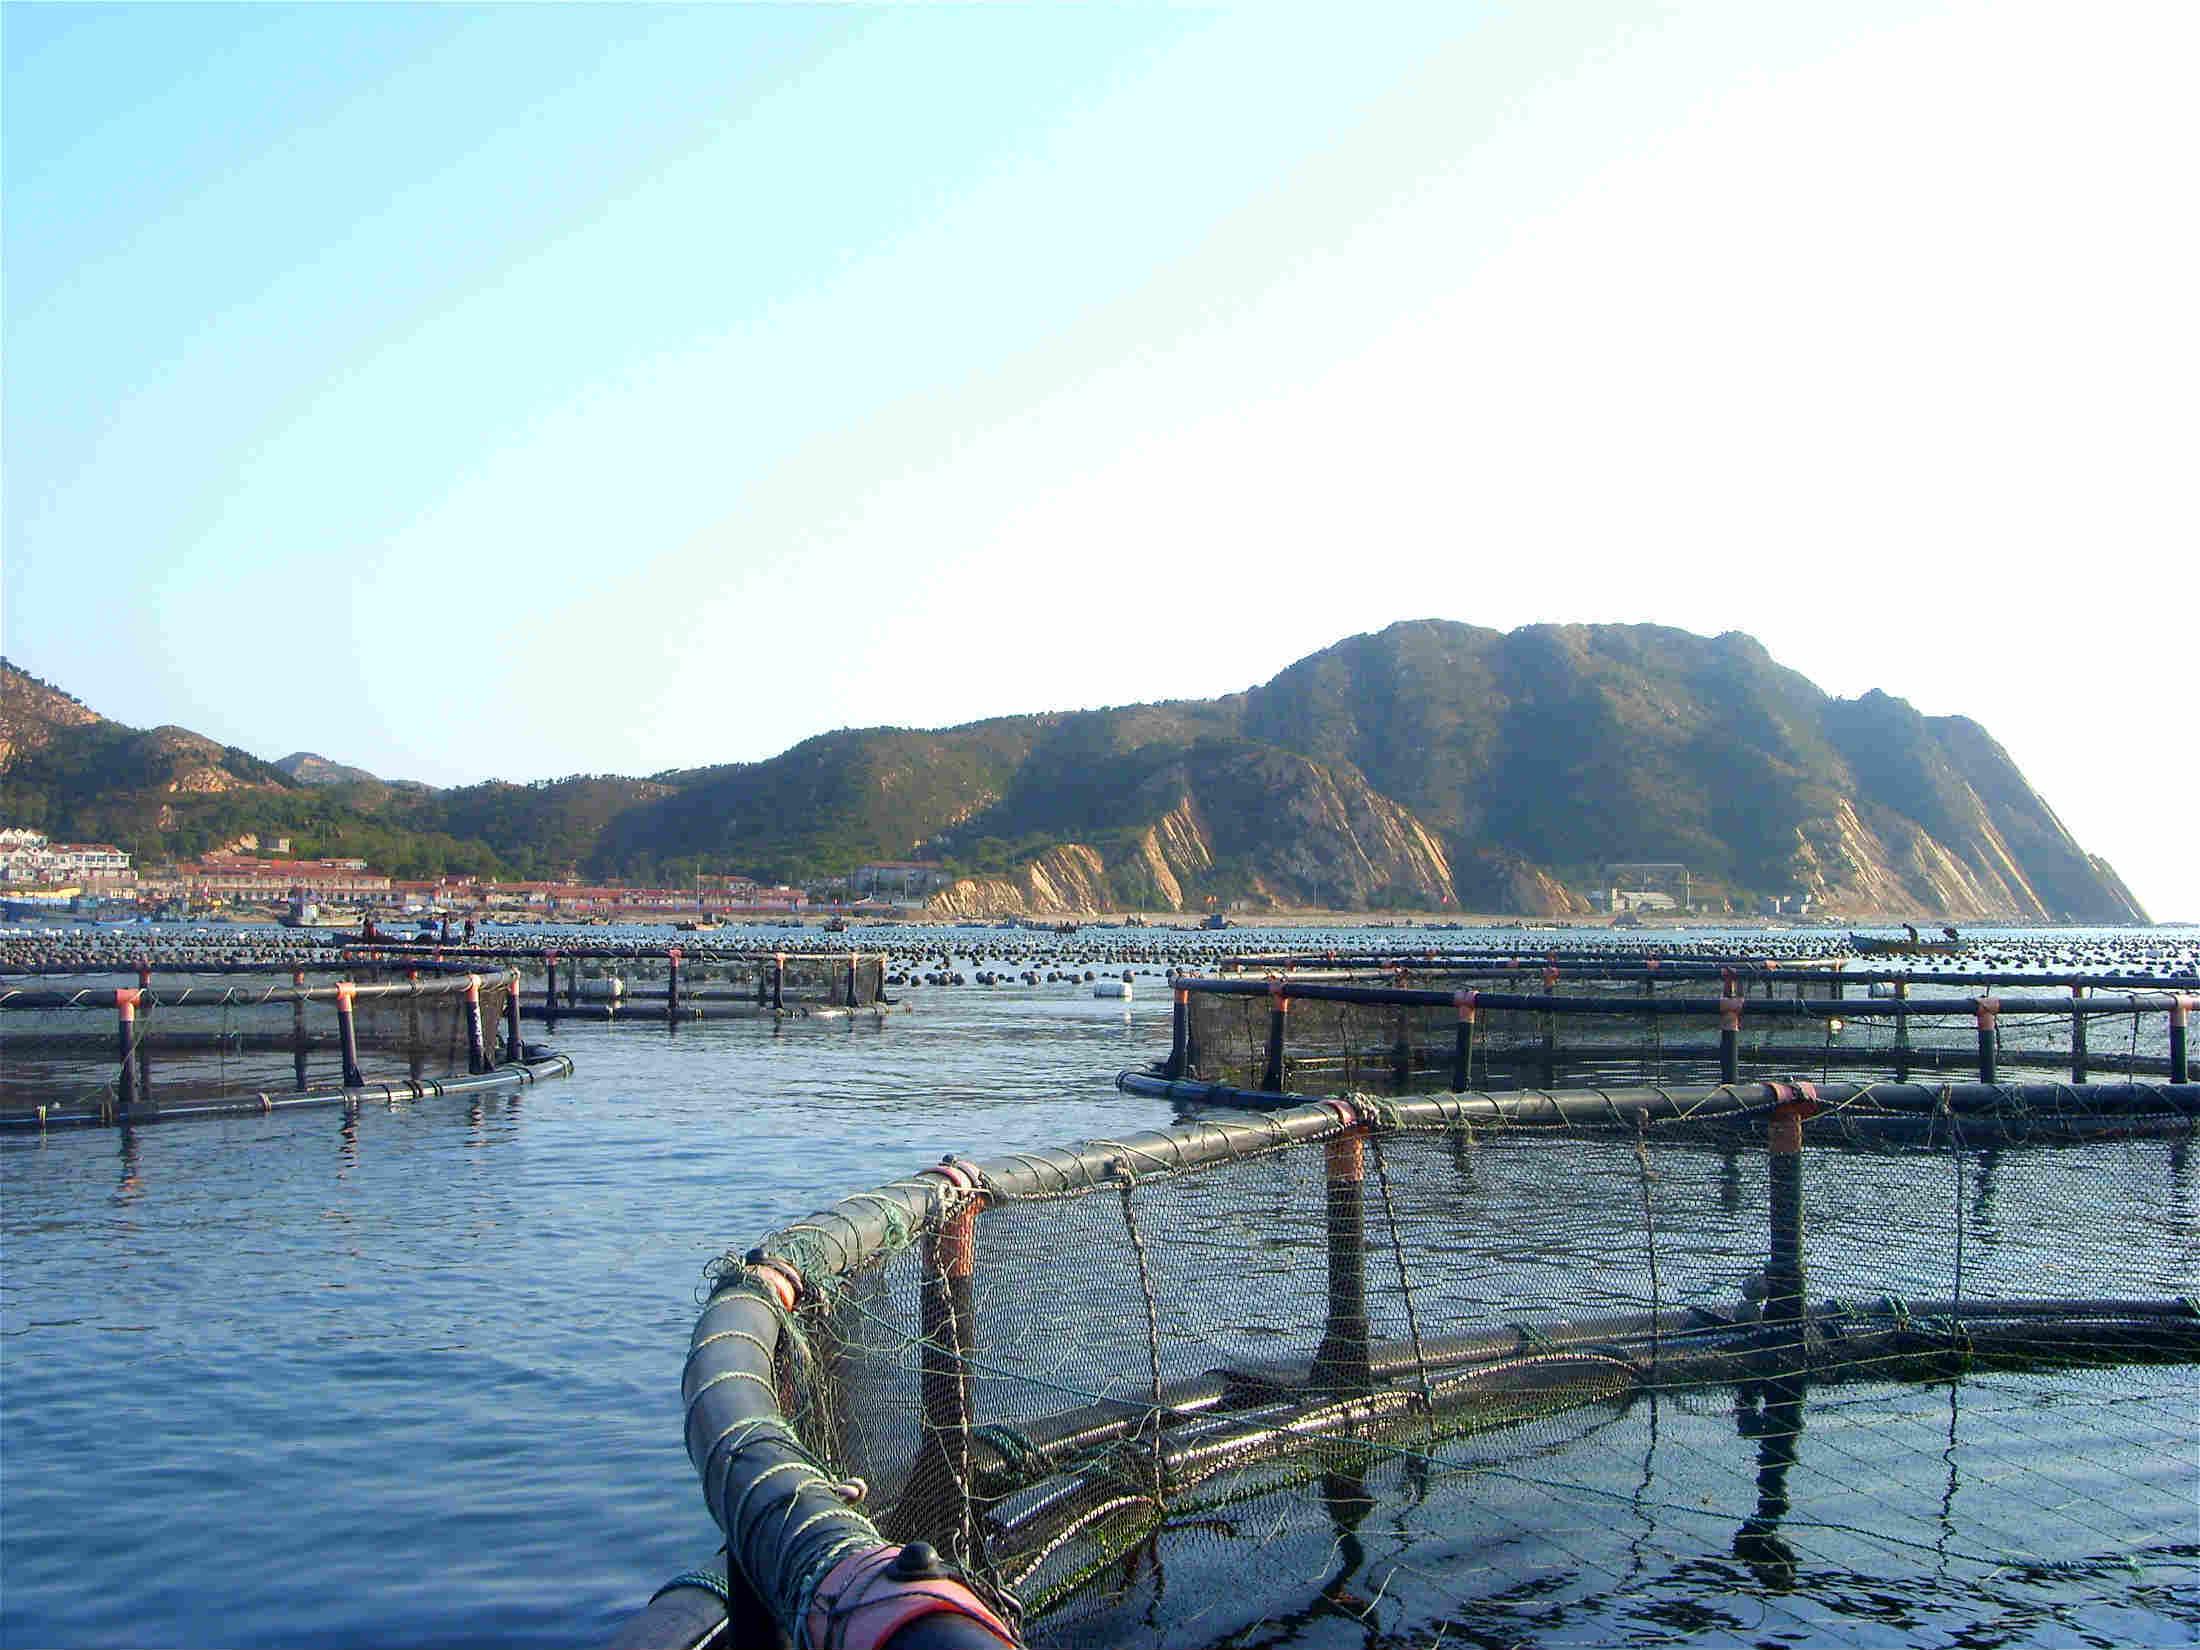 深岛渔村渔家乐:深岛渔村渔家